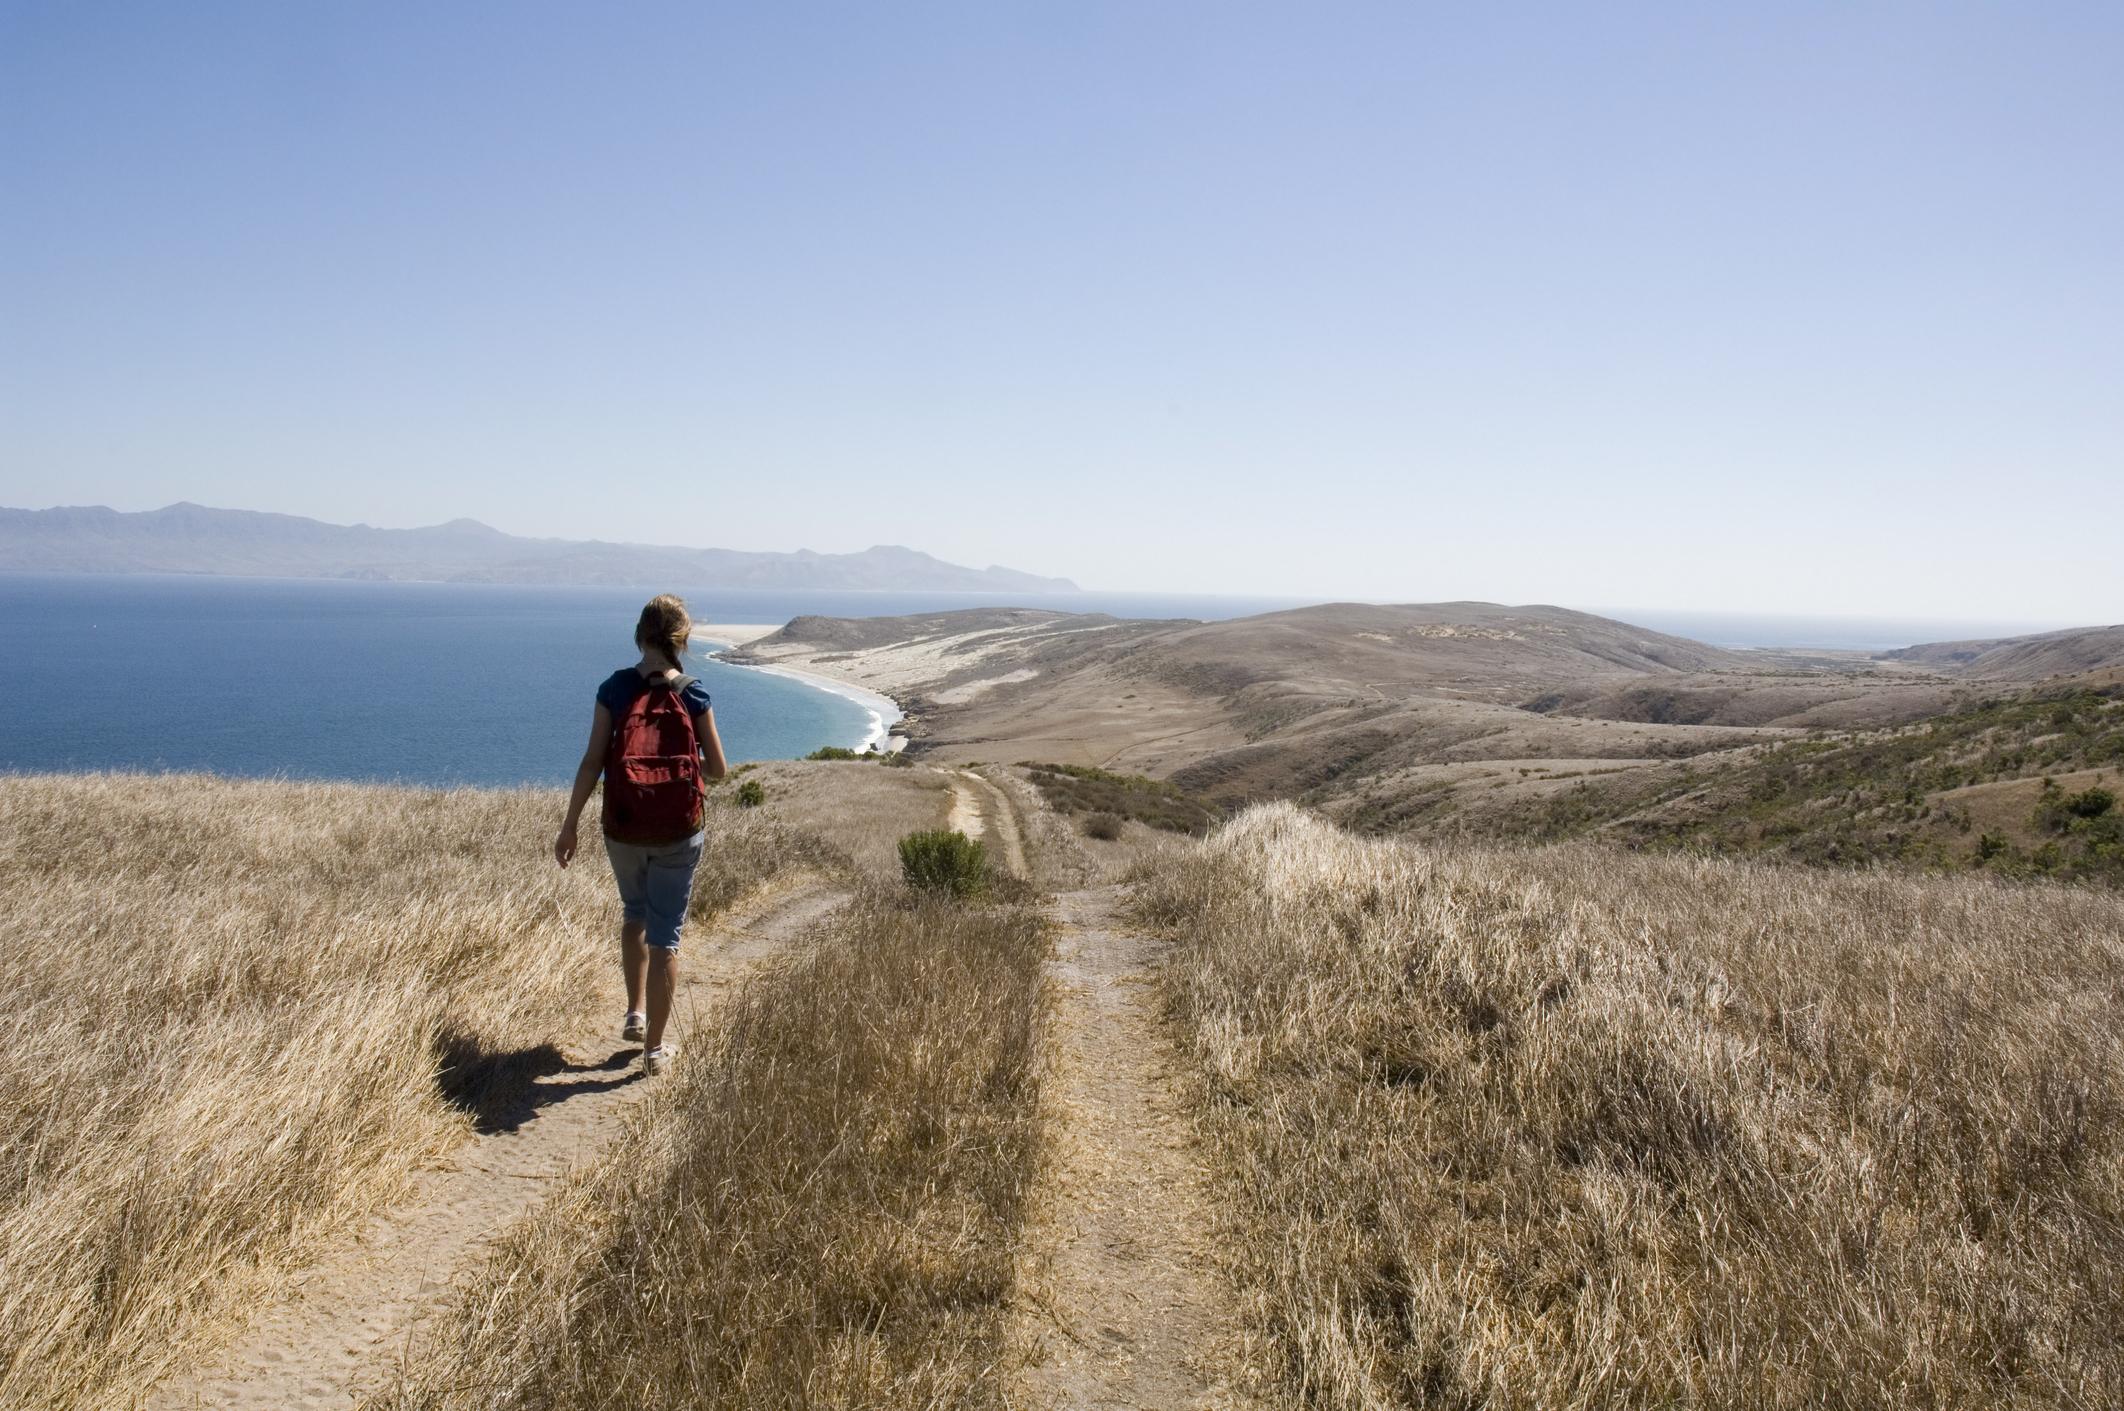 A lone figure ambles down a trail along an ocean shore.